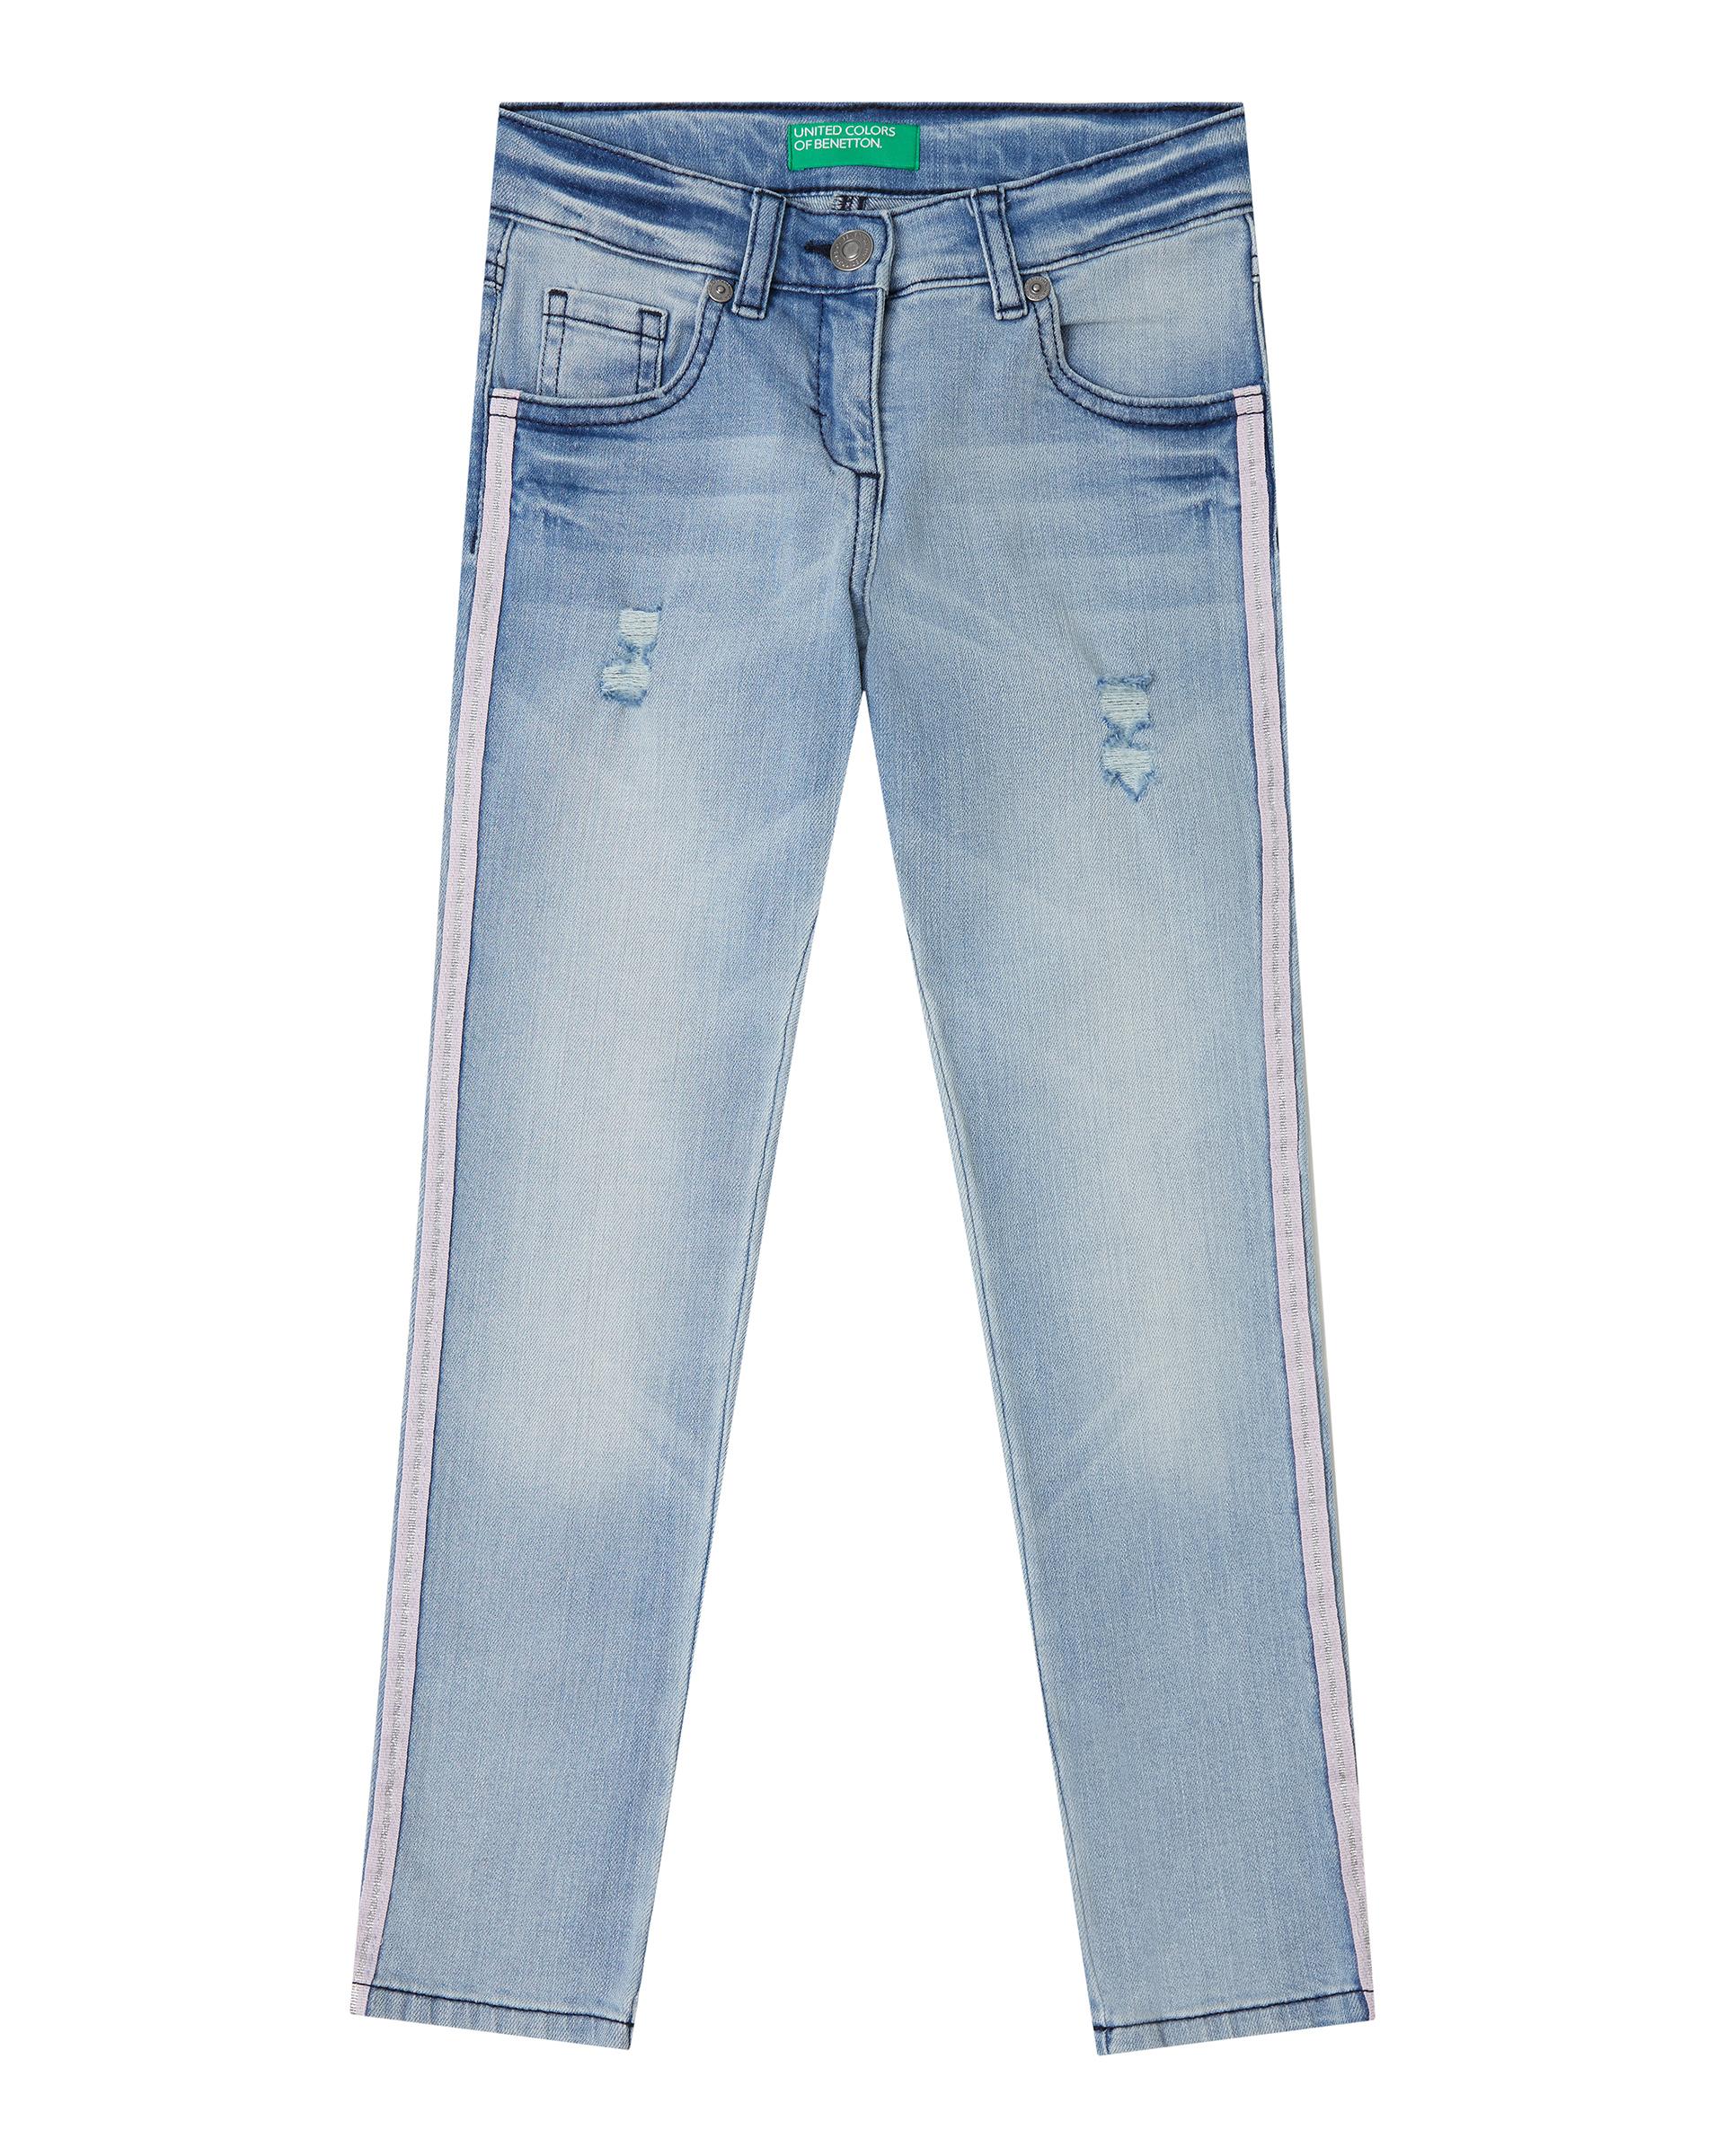 Купить 20P_4OG057LA0_902, Джинсы для девочек Benetton 4OG057LA0_902 р-р 128, United Colors of Benetton